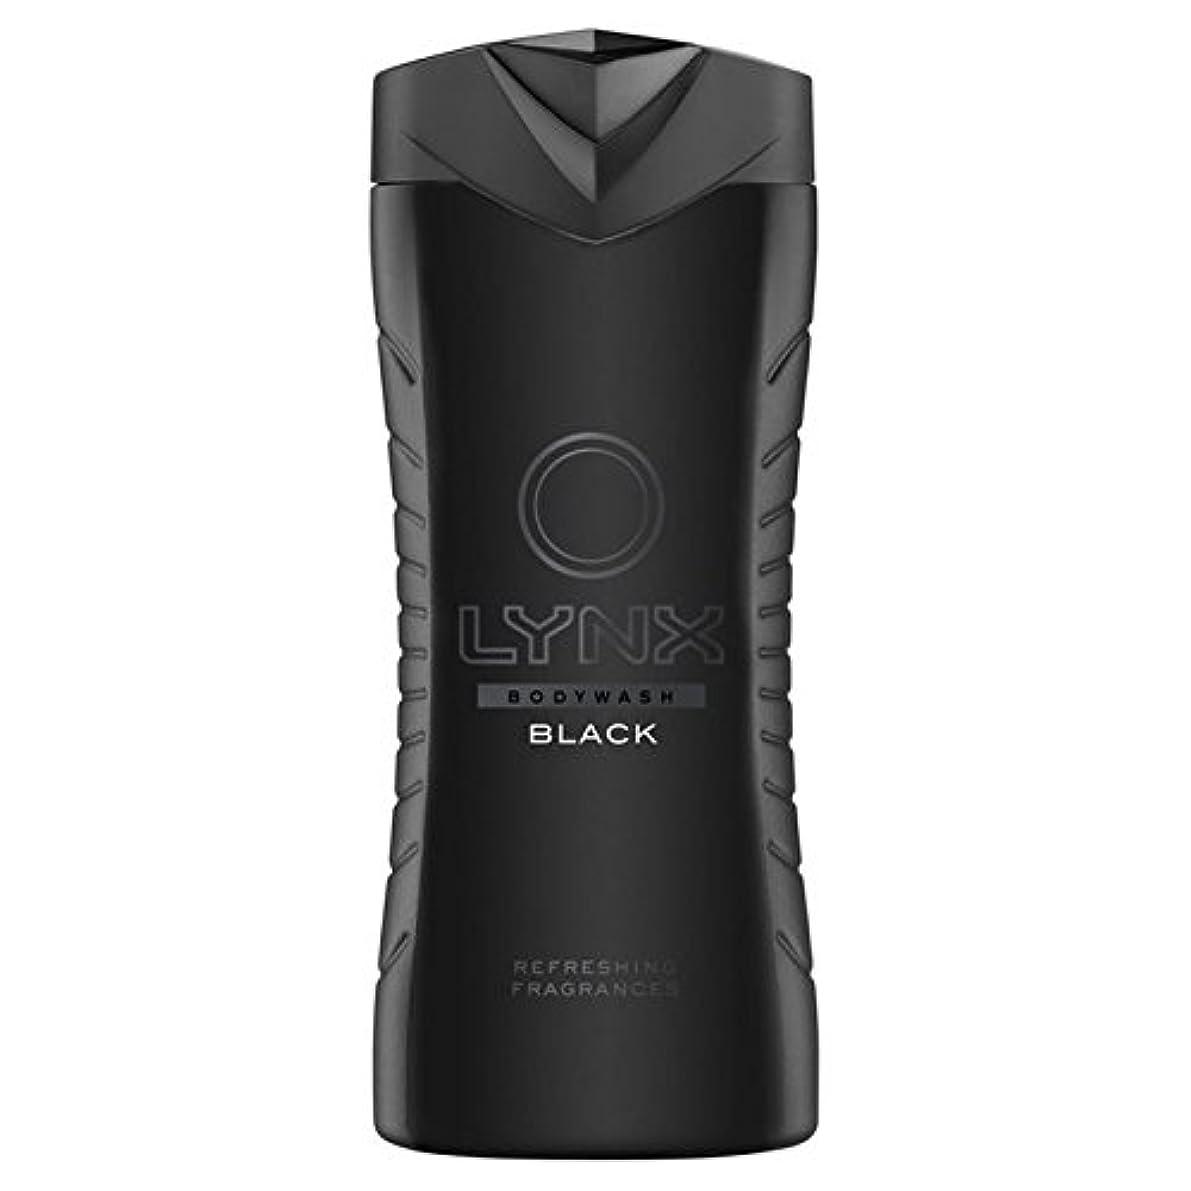 生き残り横測定Lynx Black Shower Gel 400ml (Pack of 6) - オオヤマネコブラックシャワージェル400ミリリットル x6 [並行輸入品]